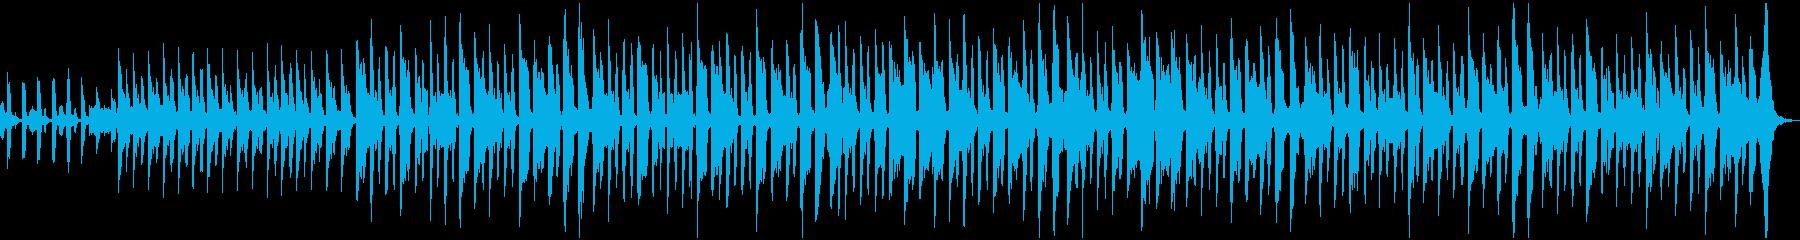 フルート/レコーダー、アコーディオ...の再生済みの波形